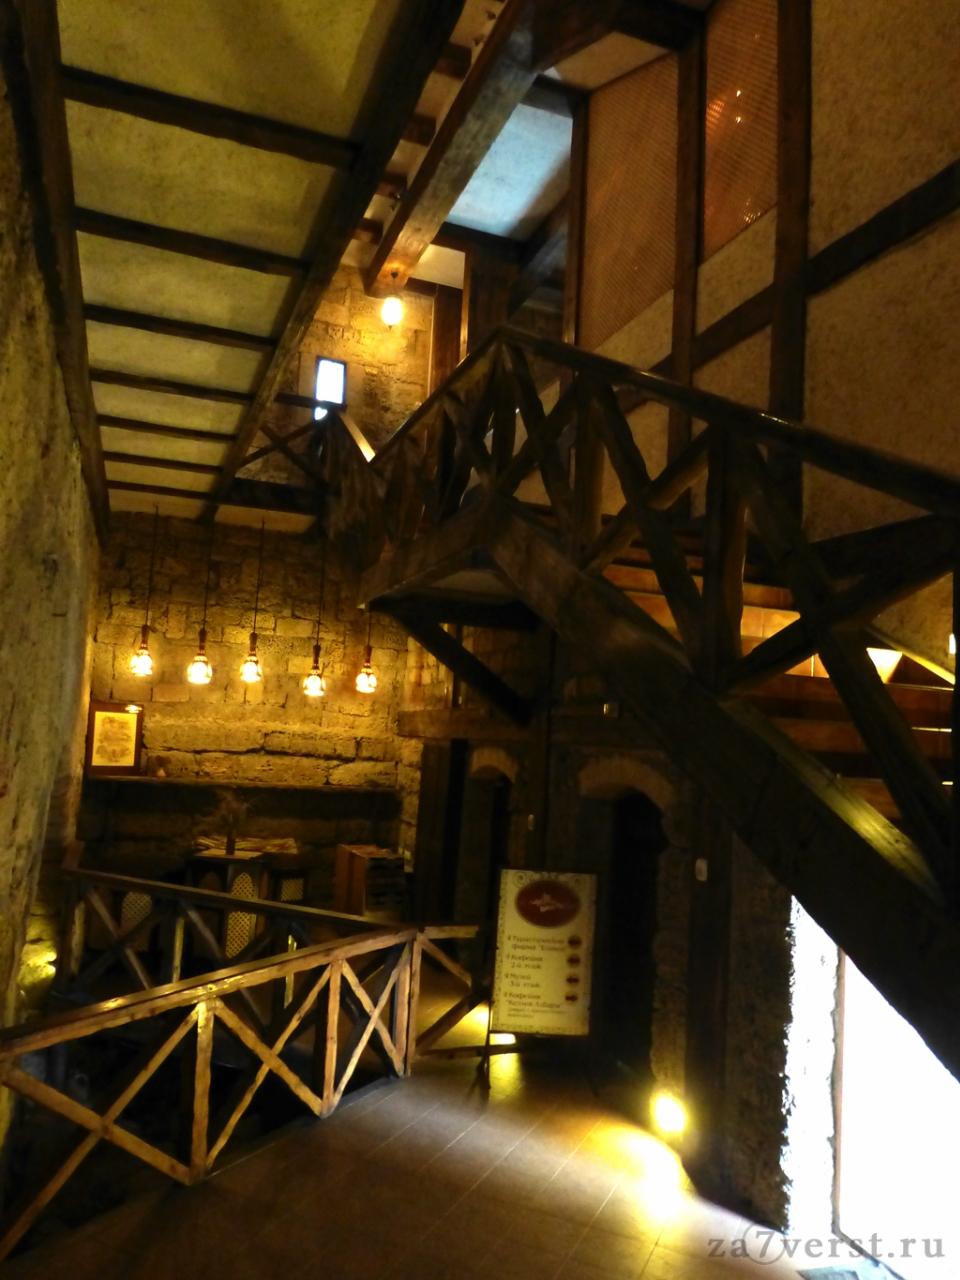 Кофейня Кезлев лестница на второй этаж